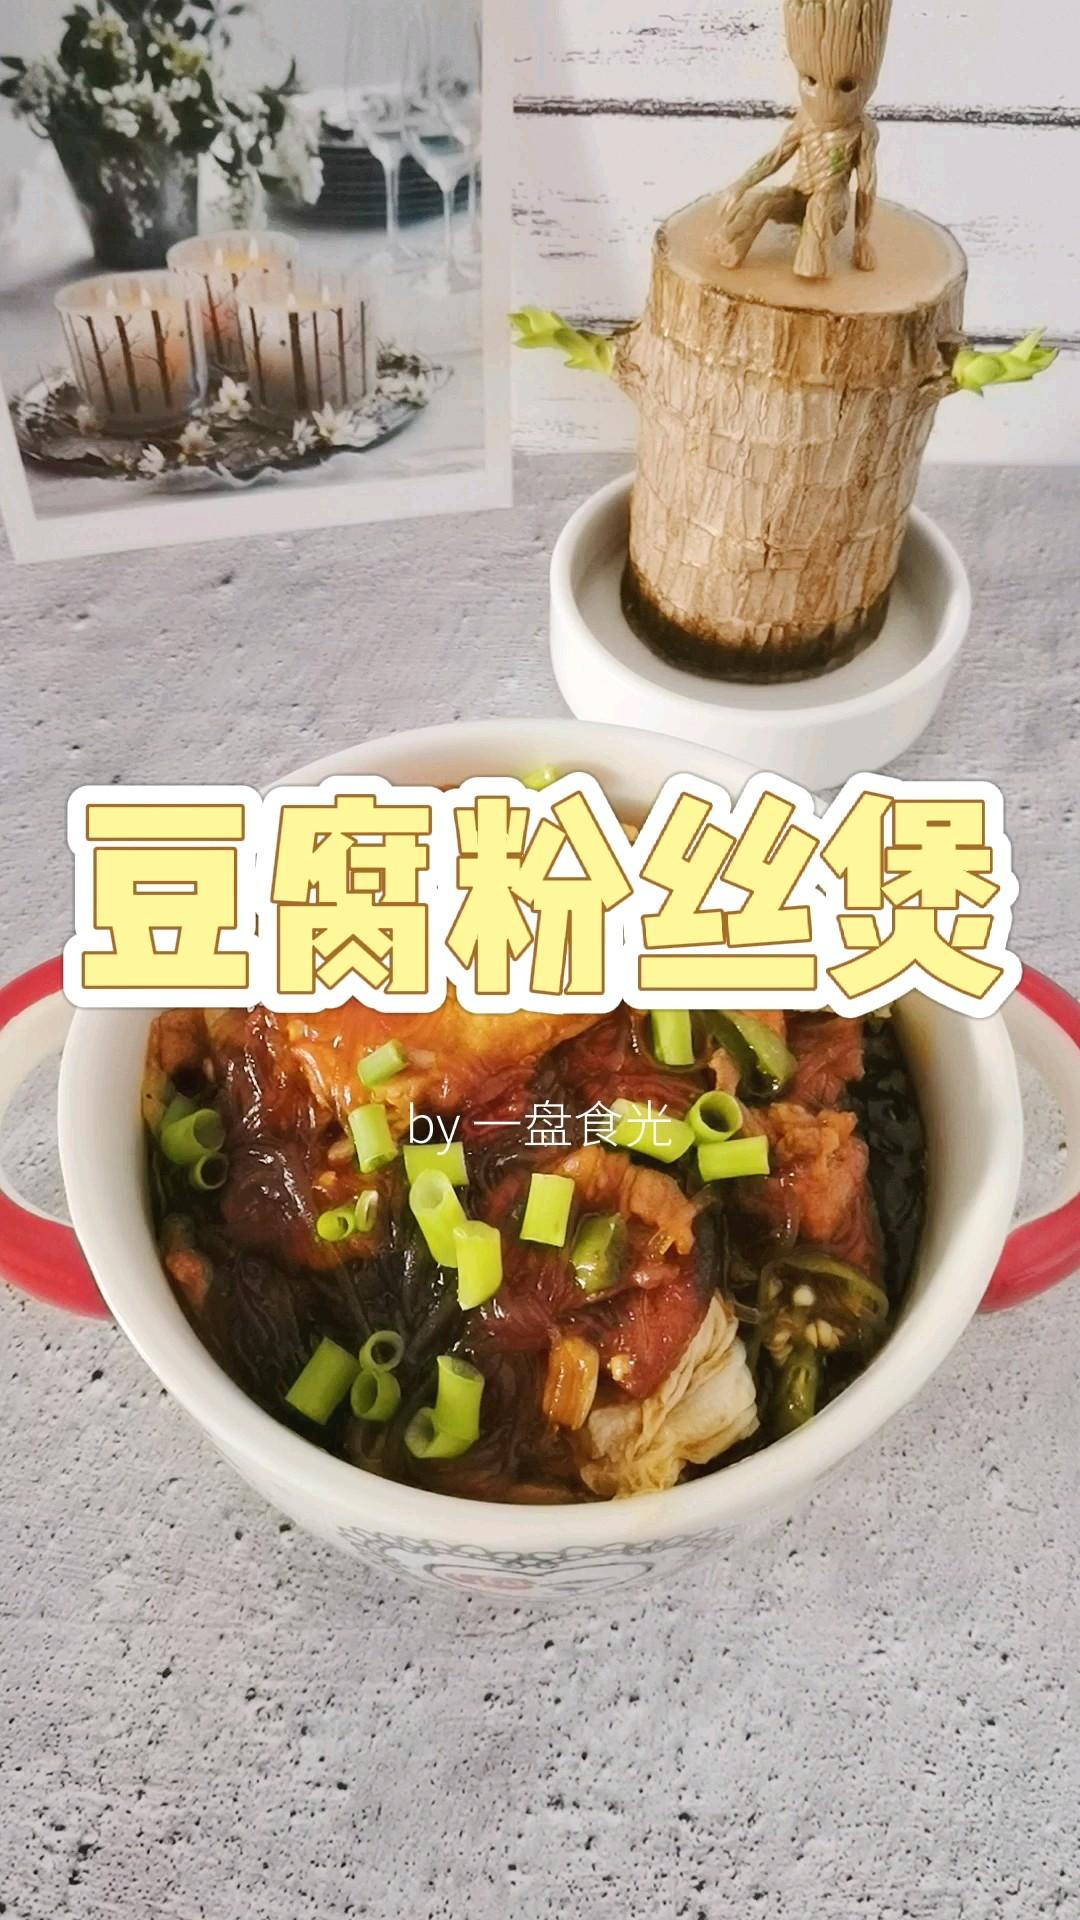 冬日暖胃家常菜-豆腐粉丝煲,荤素搭配,经济实惠又美味